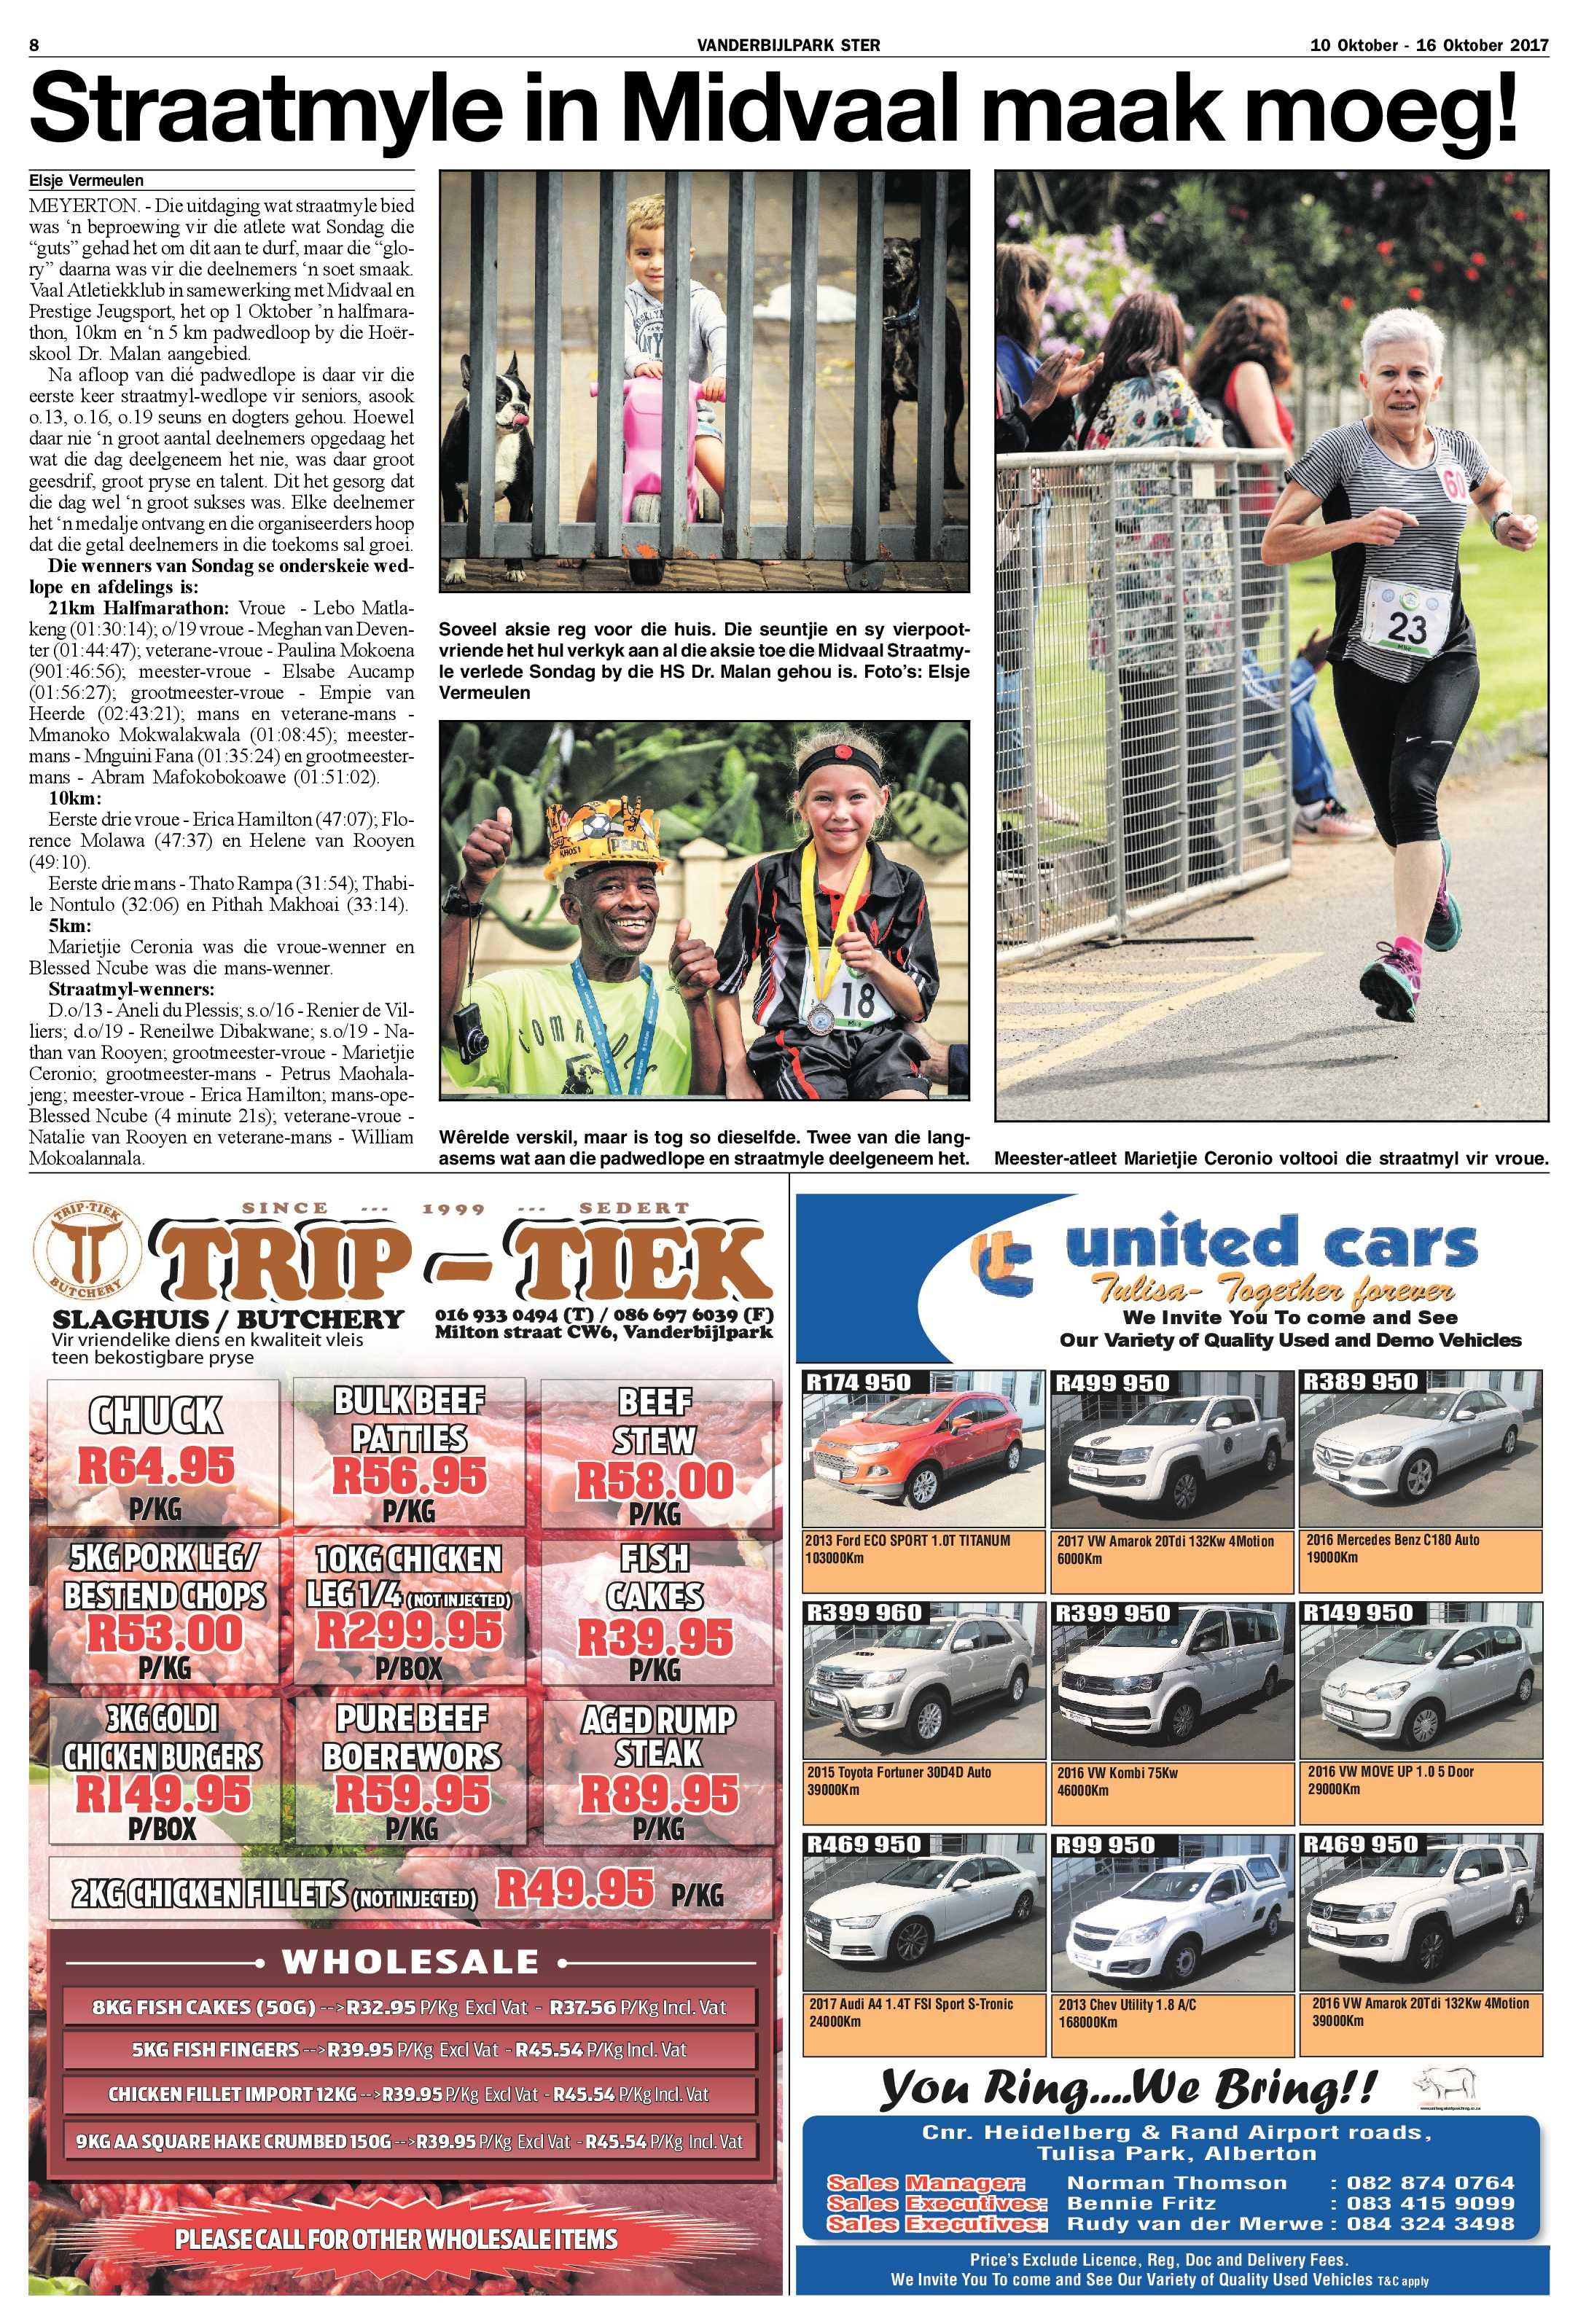 vanderbijlpark-ster-10-16-oktober-2017-epapers-page-8